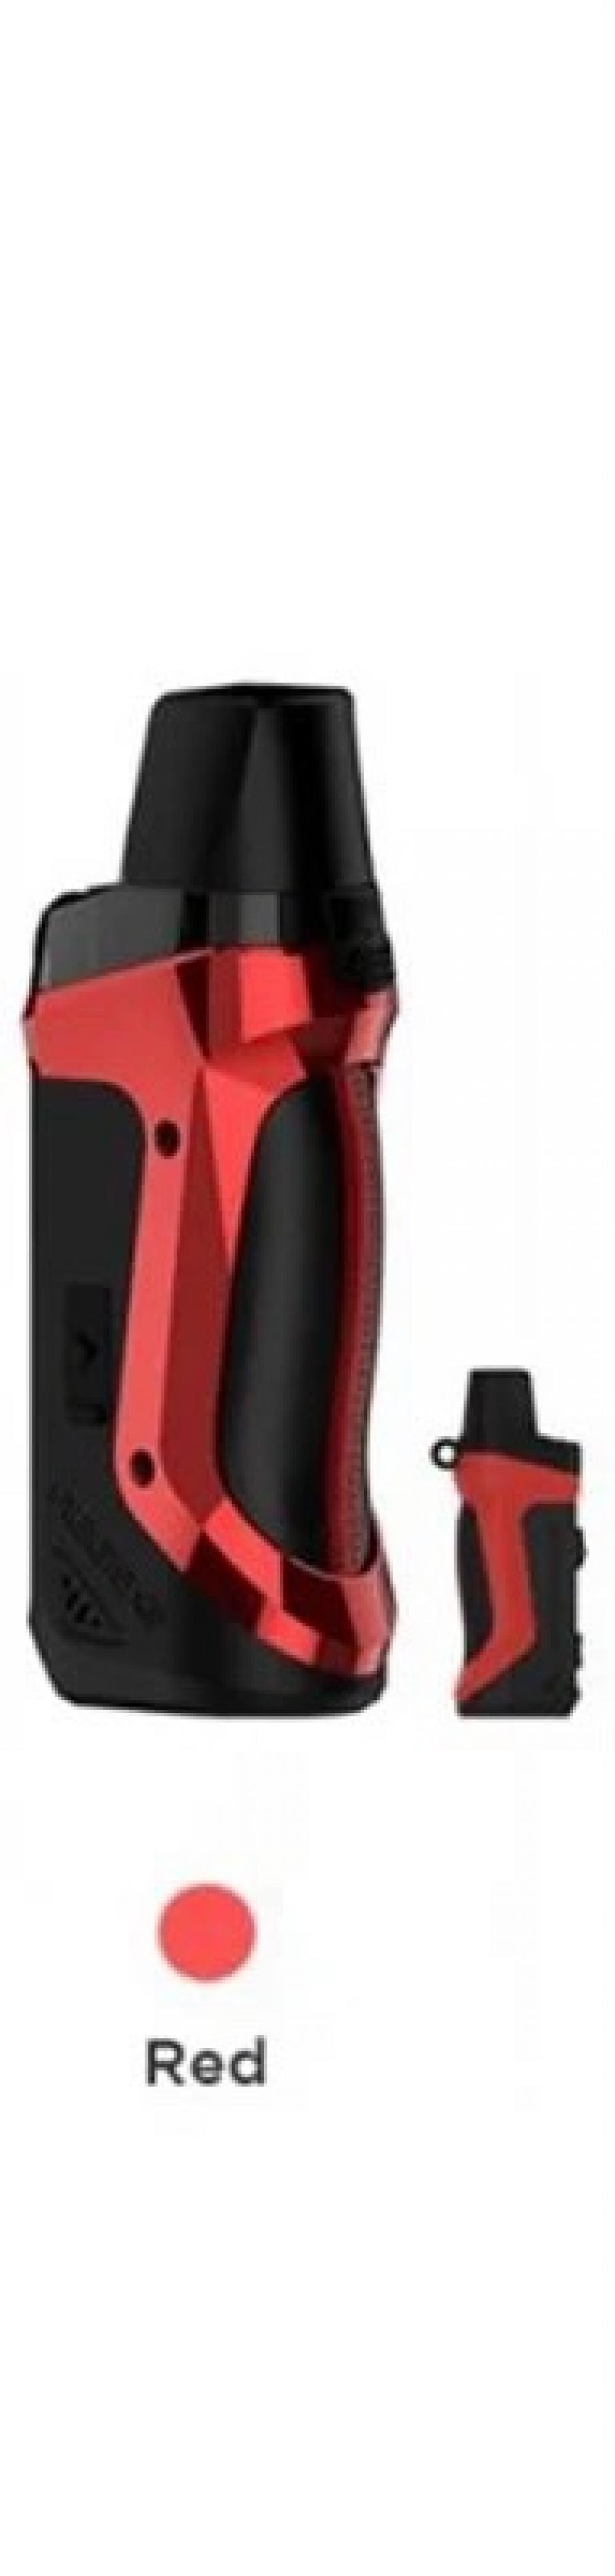 Aegis boost luxury 40W